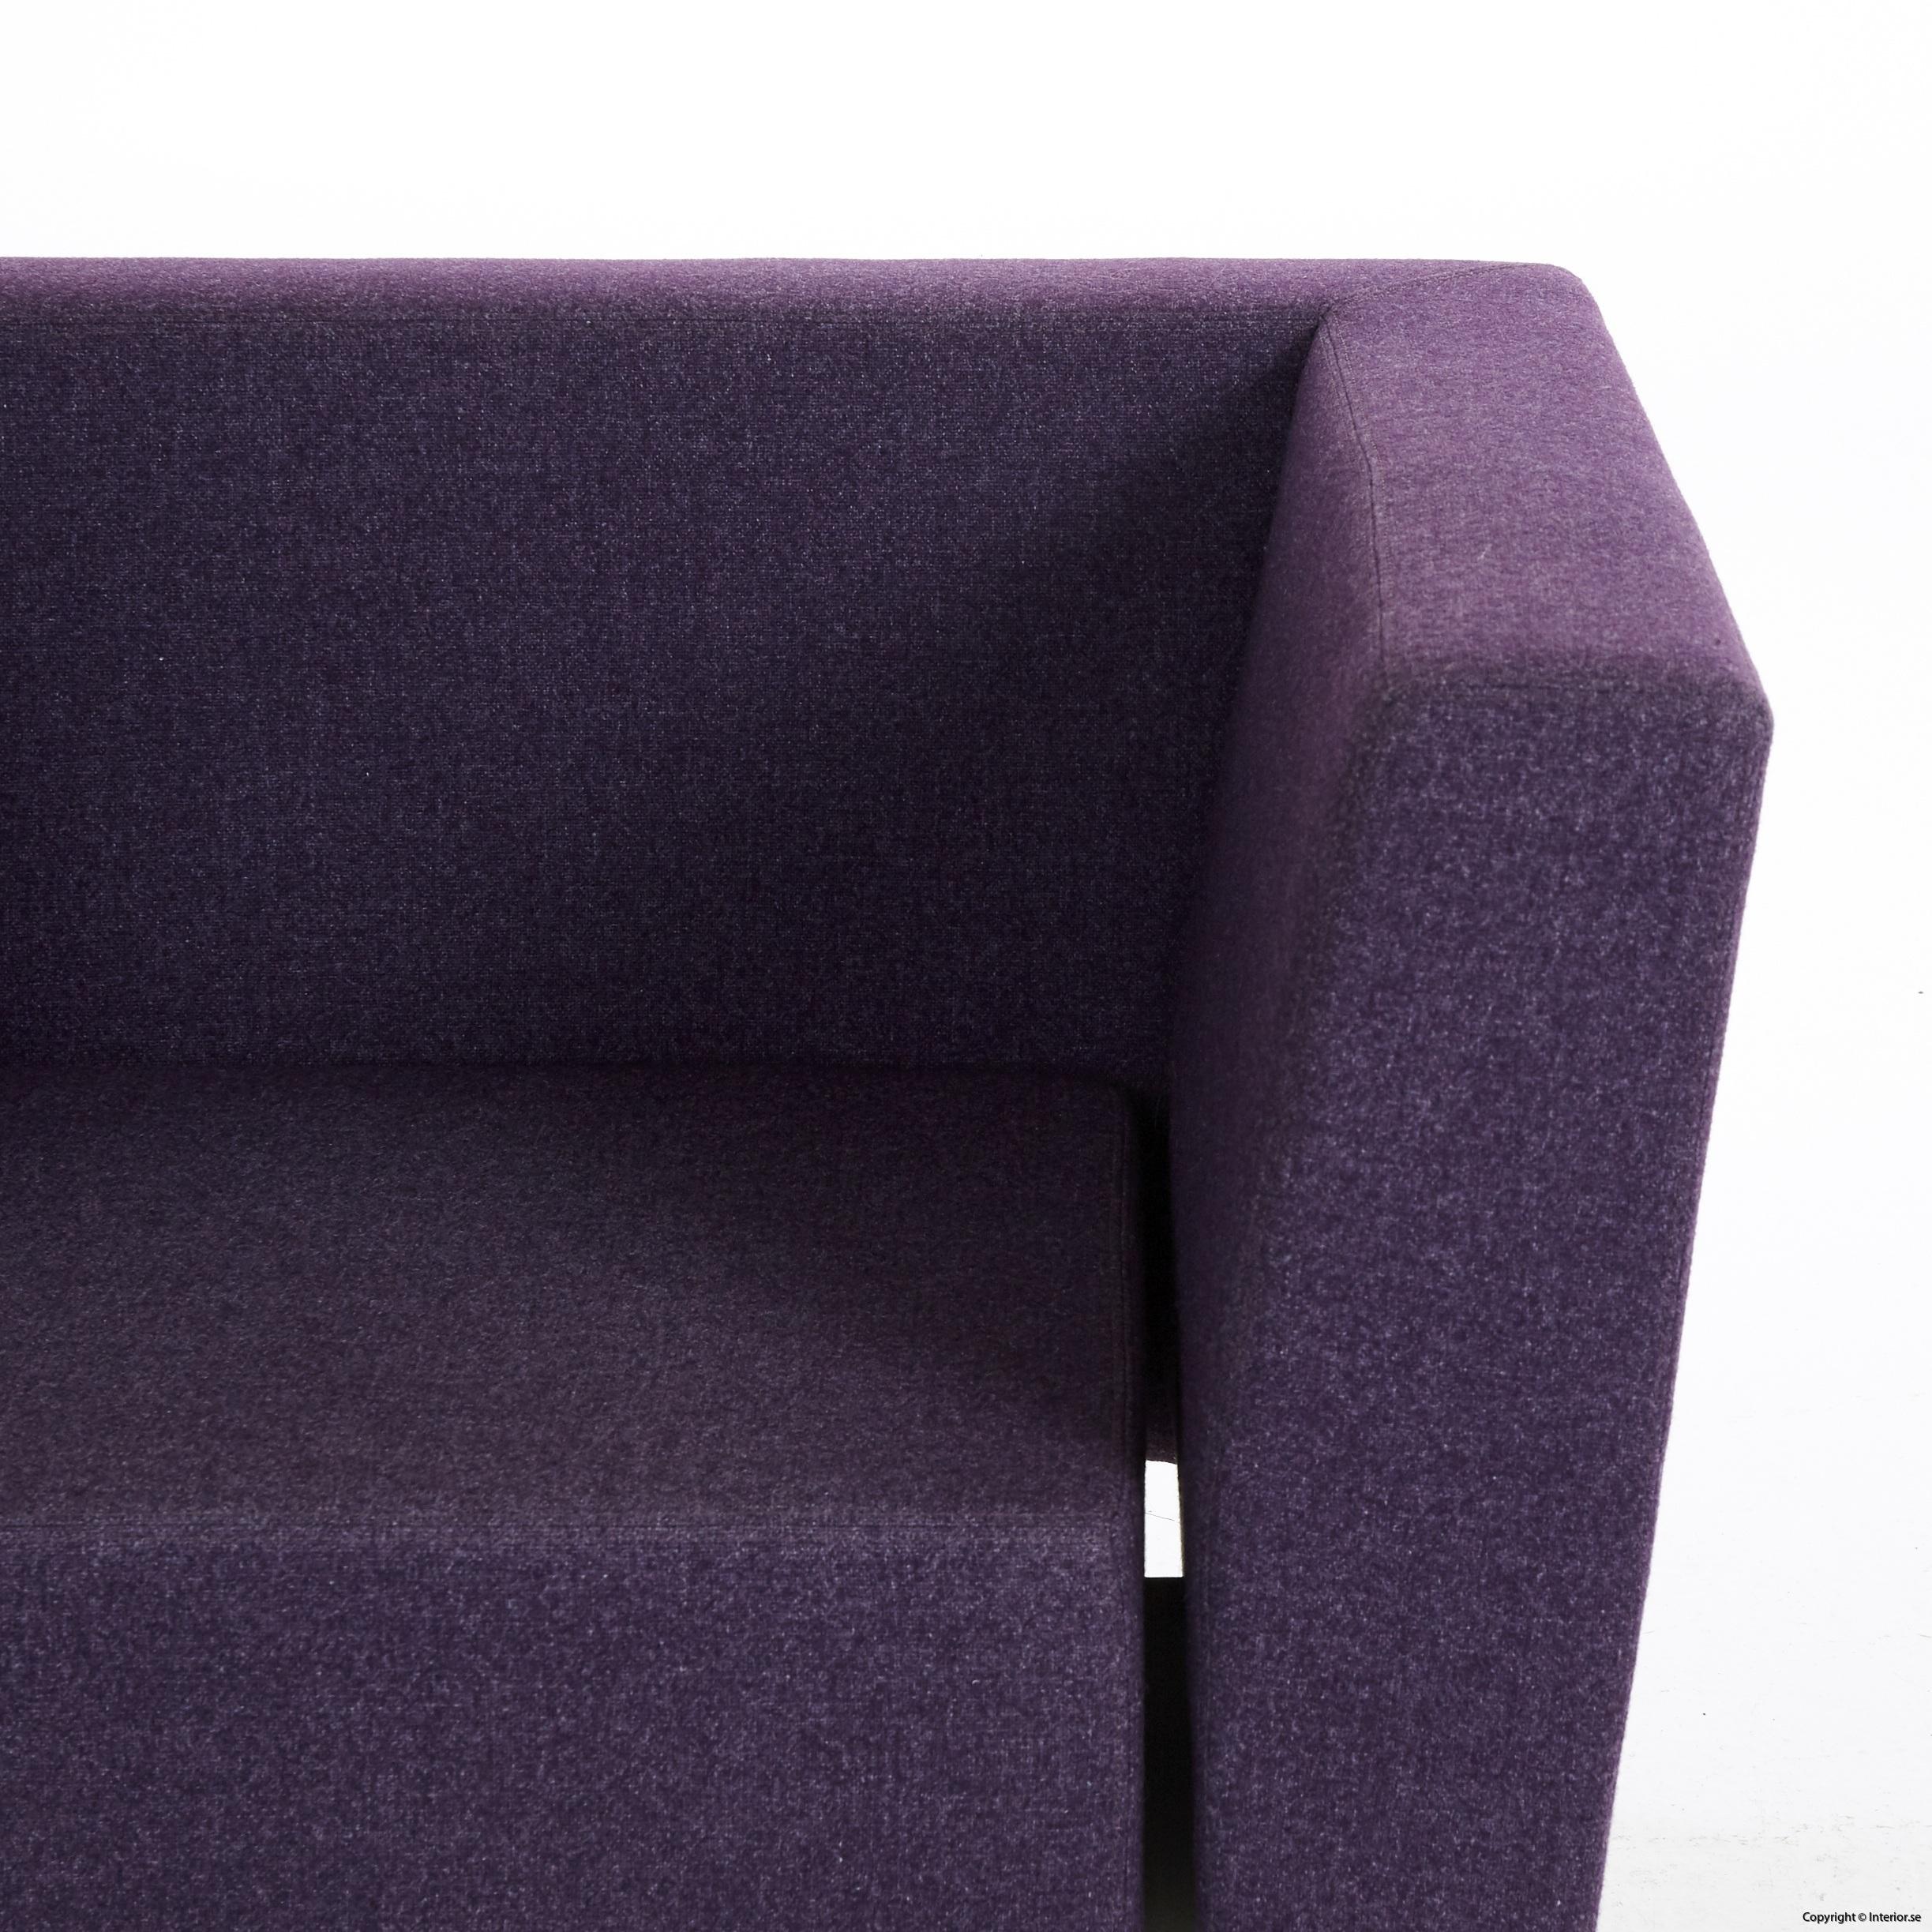 Fåtöljer, Swedese Gap Lounge begagnade designmöbler stockholm sverige 3